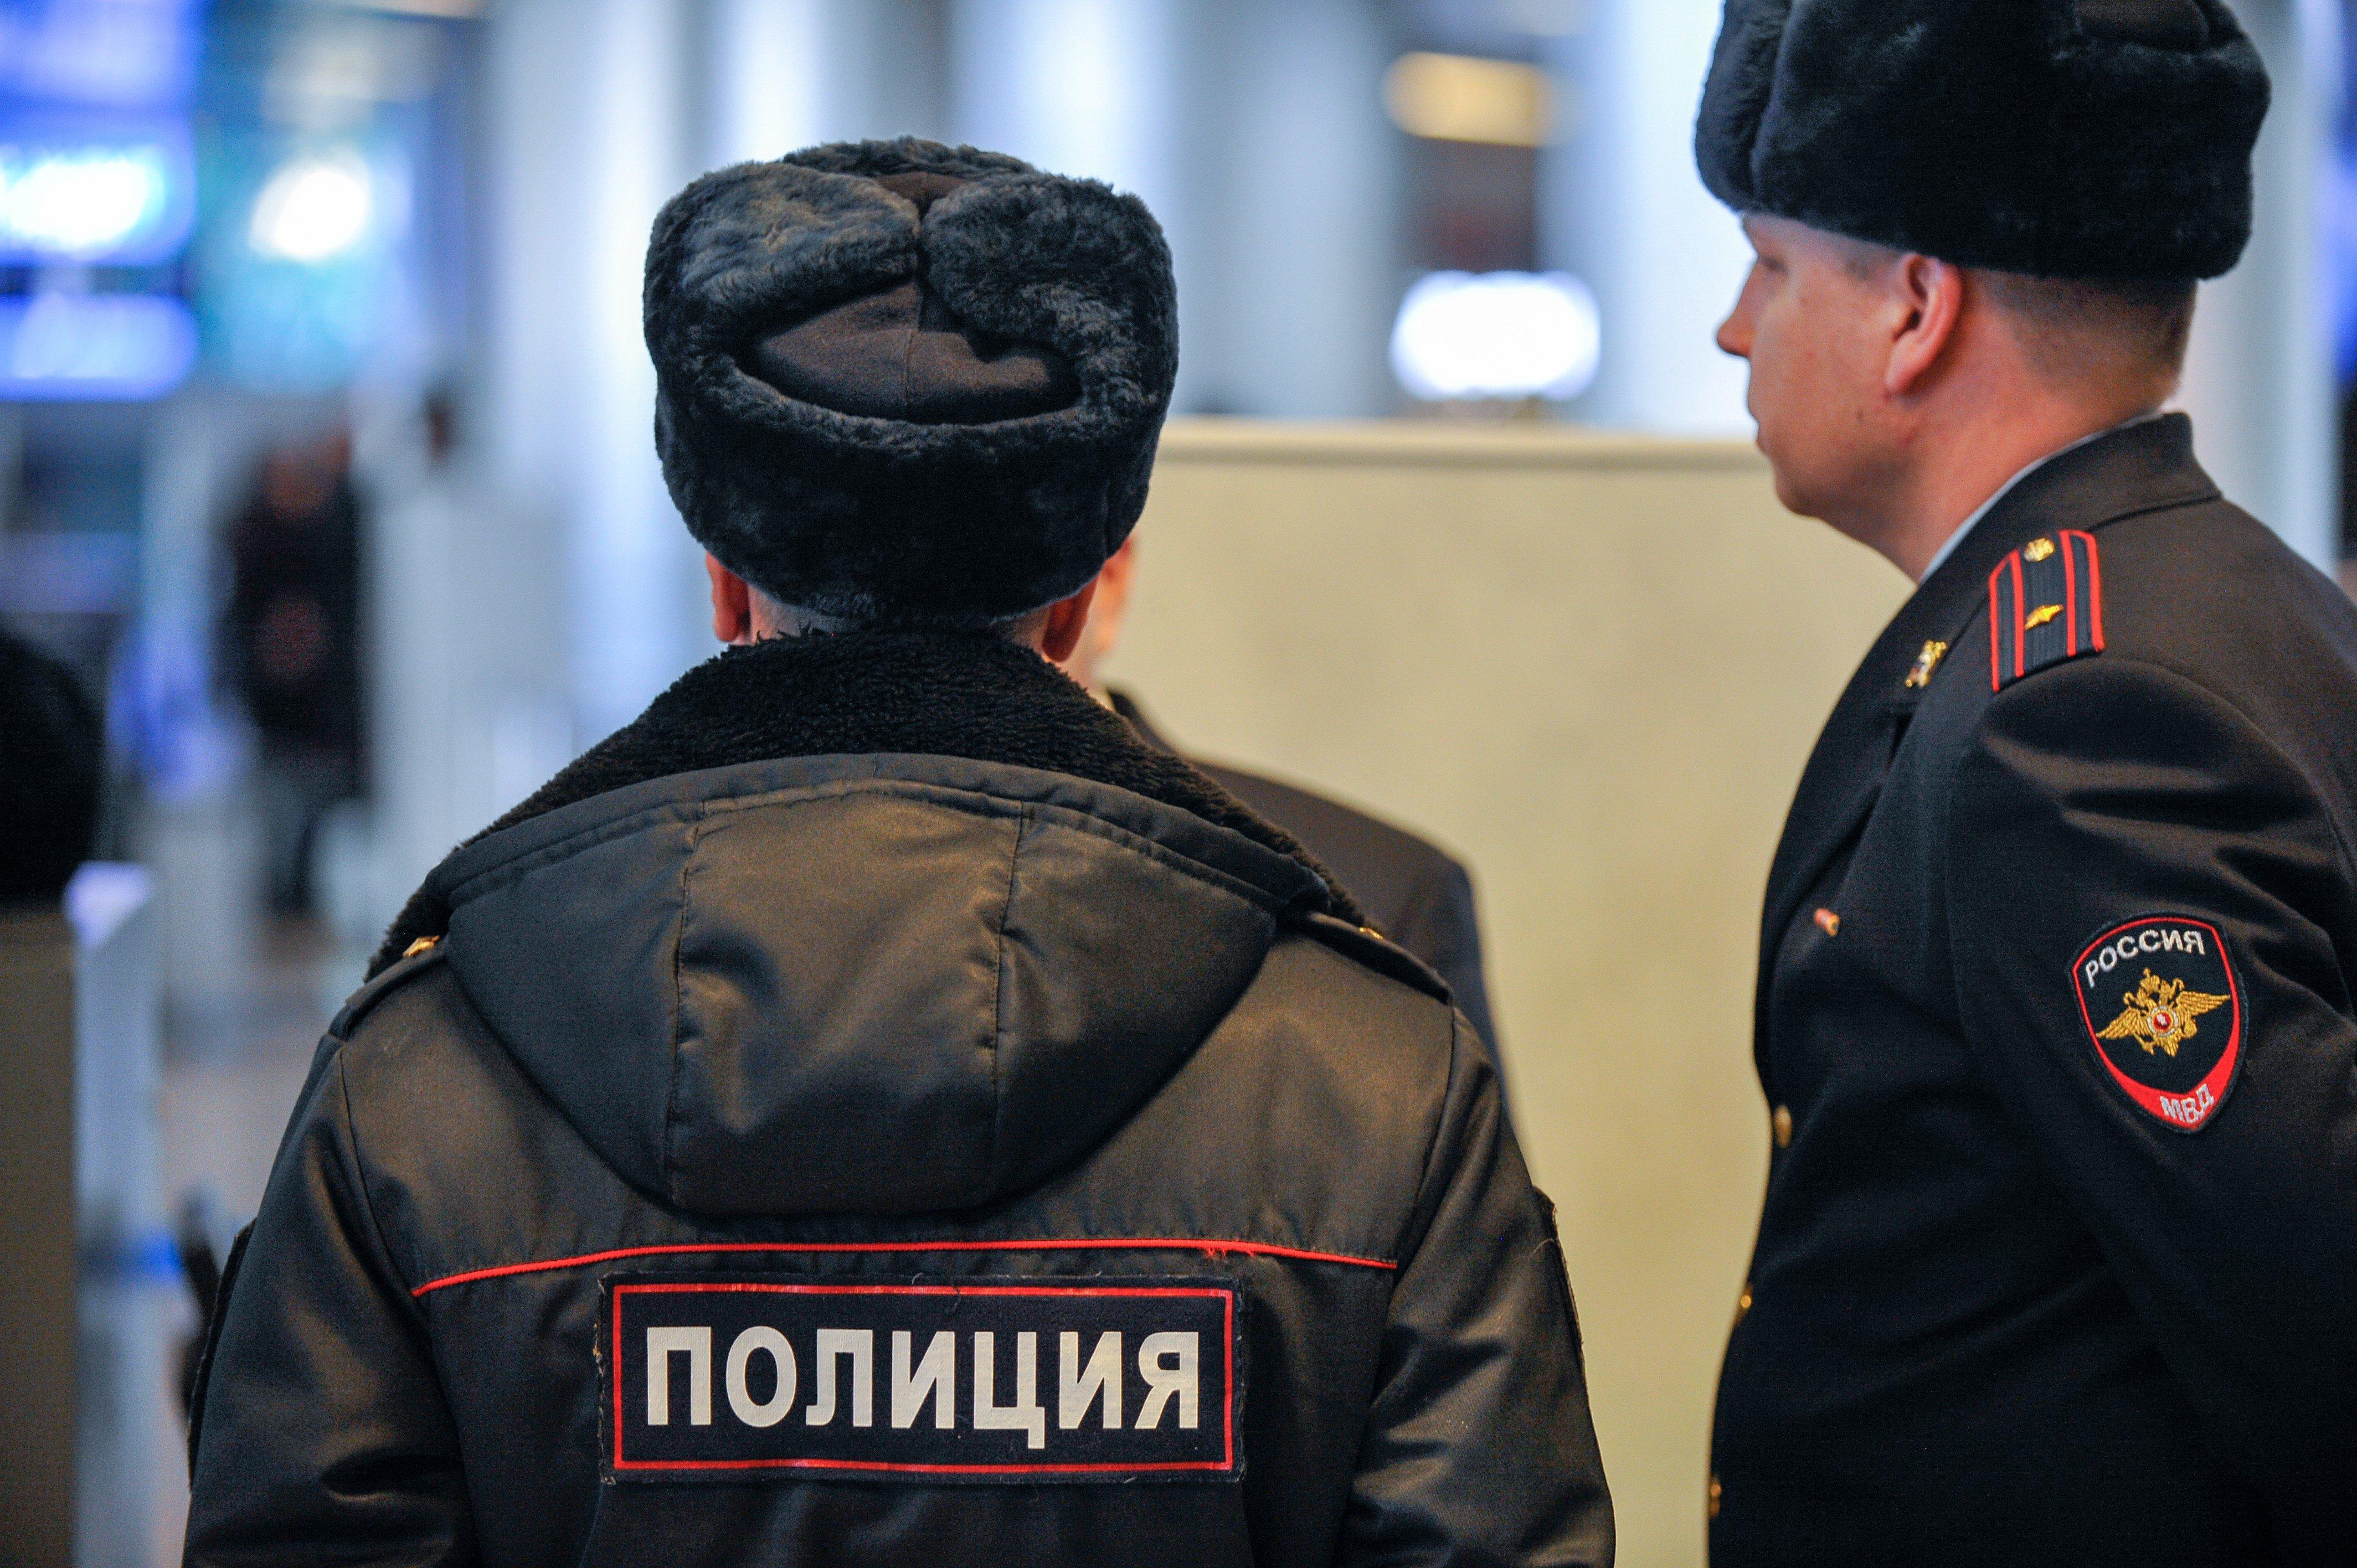 Жителей Подмосковья призвали уберечь детей от участия в акциях 23 января